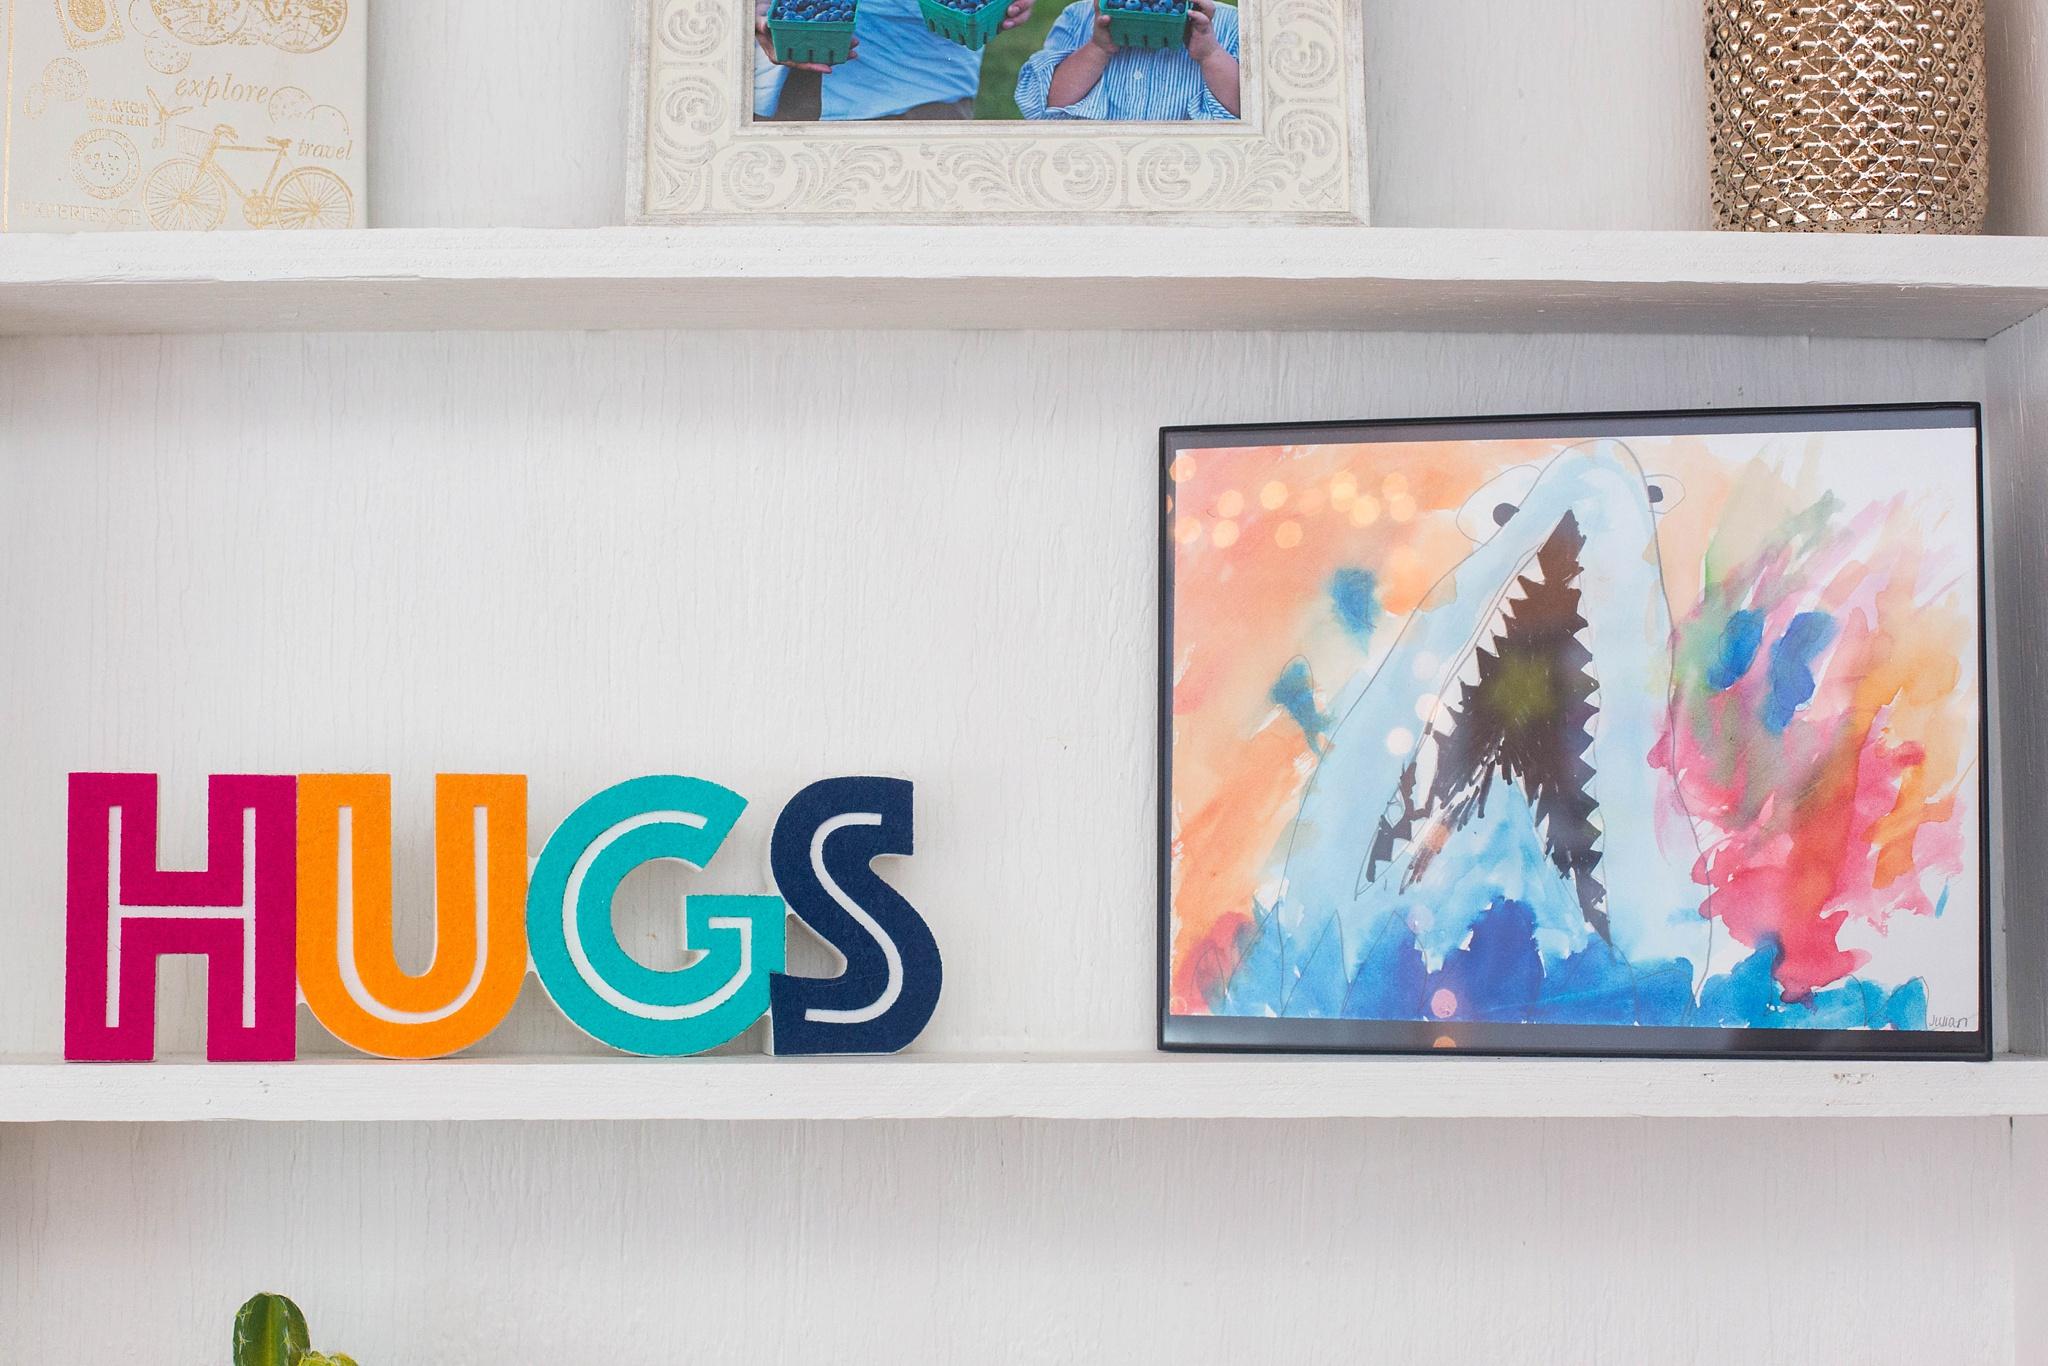 HUGS letters